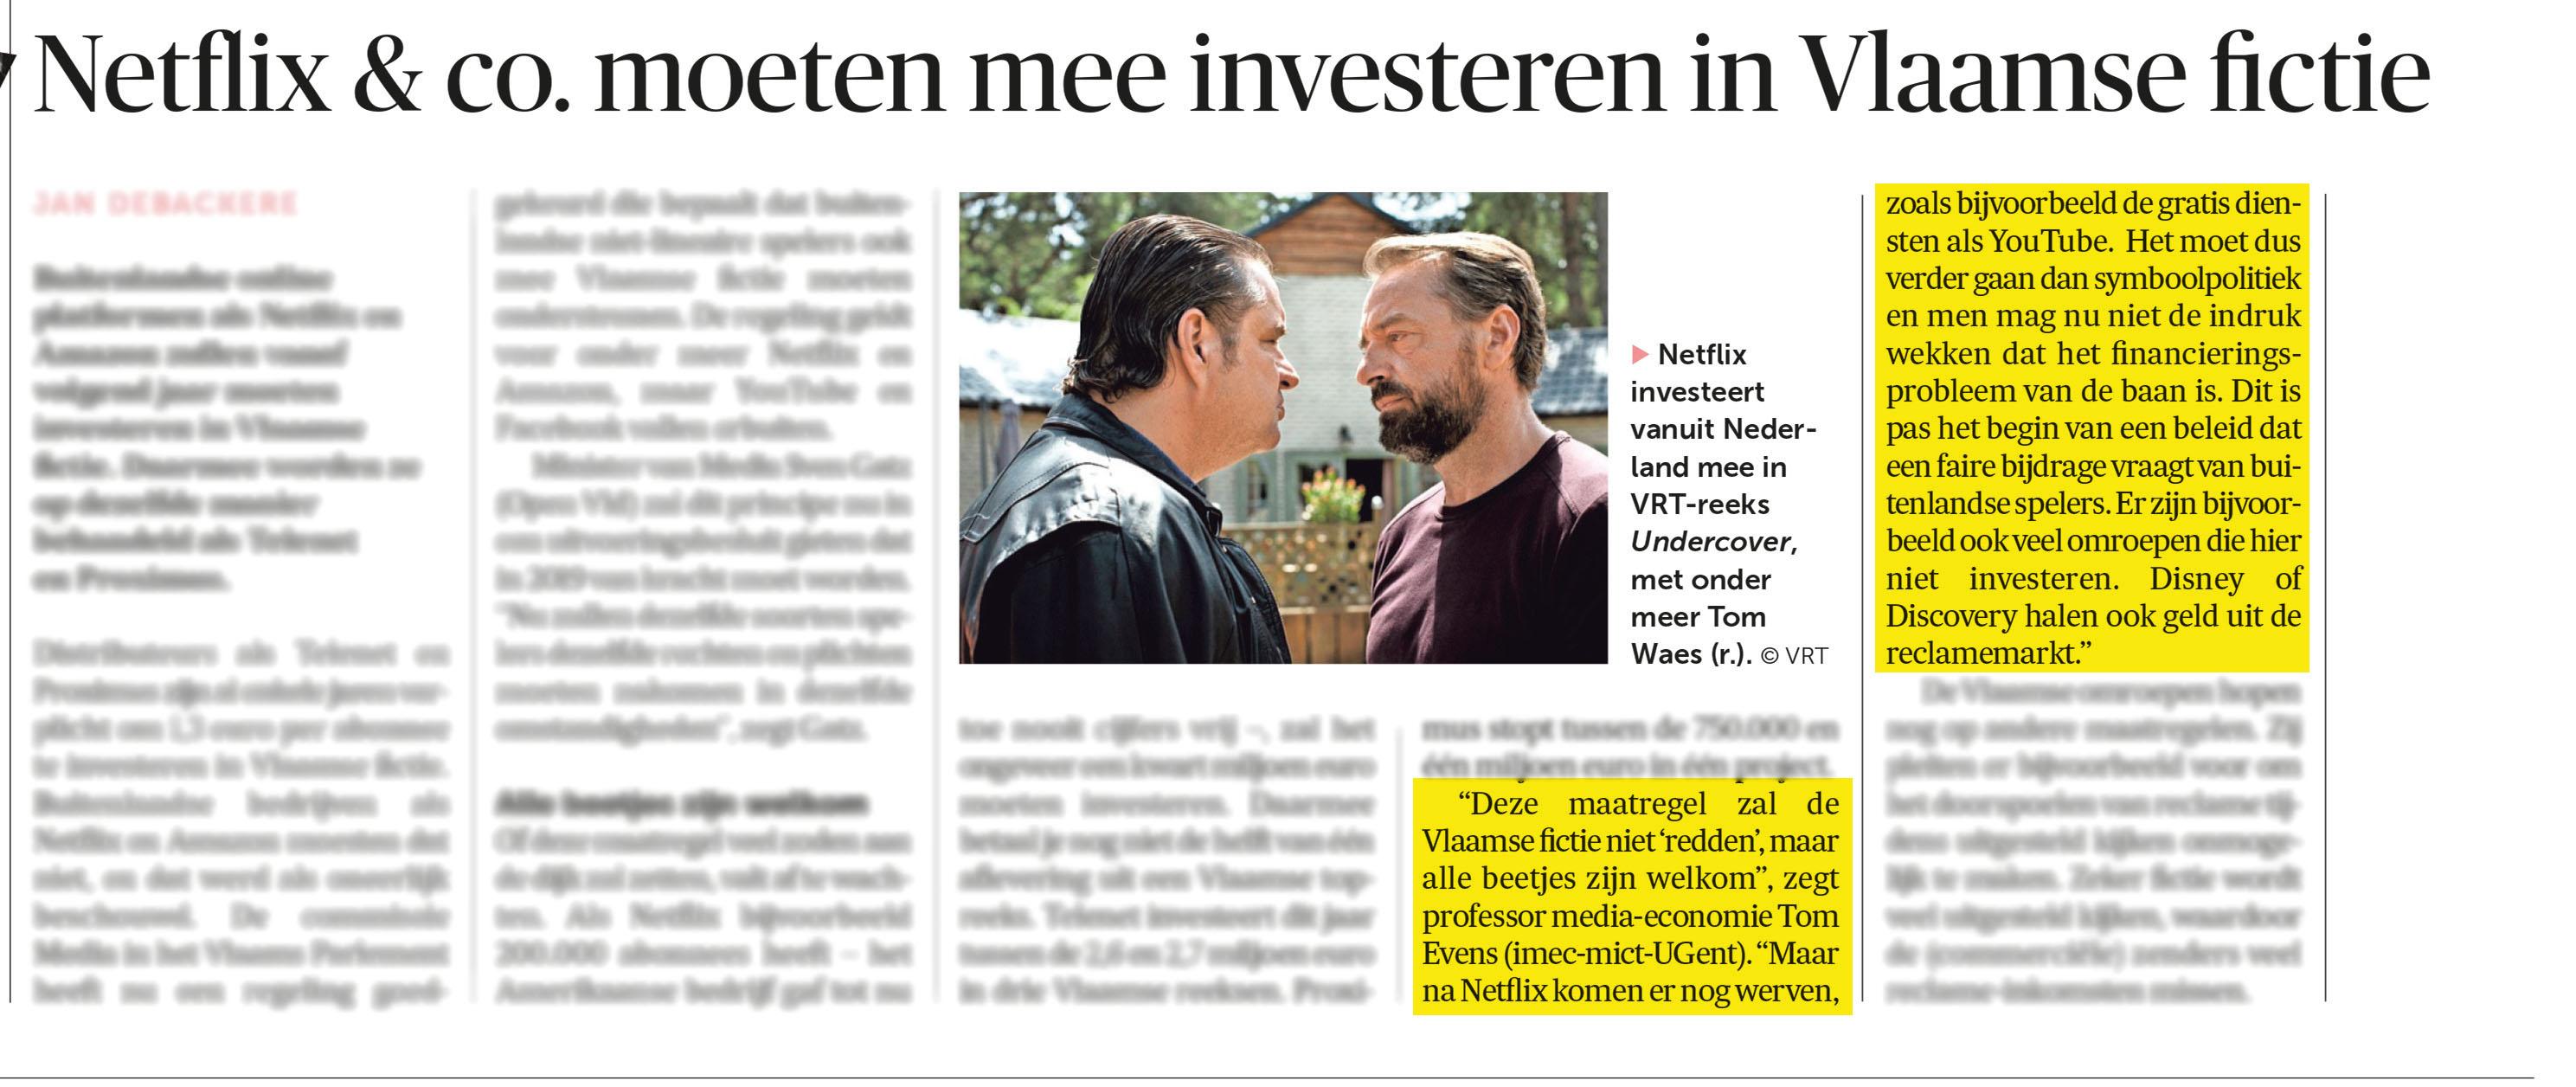 BRON: De Morgen, 01/06/2018, p 19